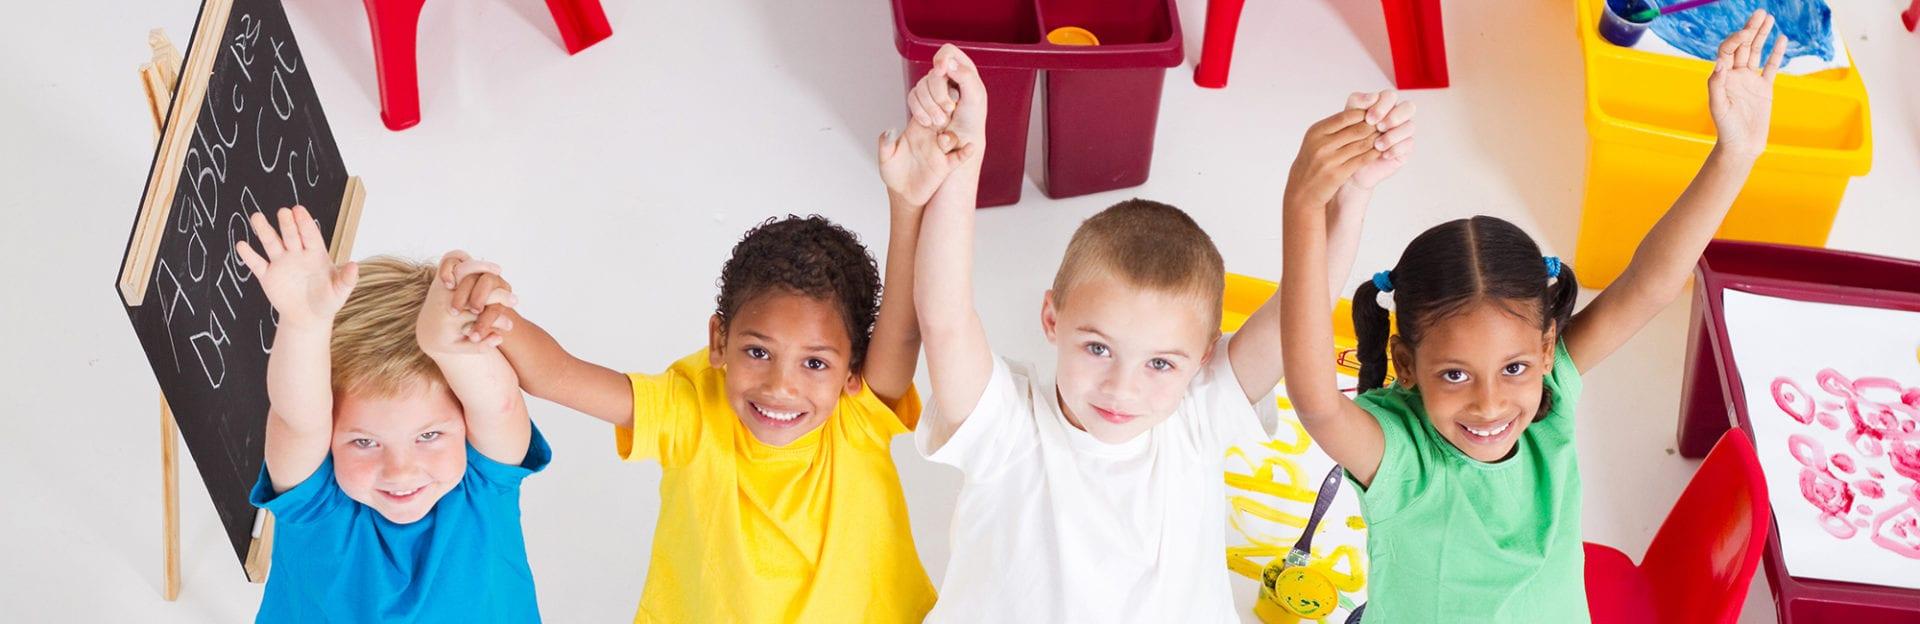 Child Development | The Gateway Family YMCA